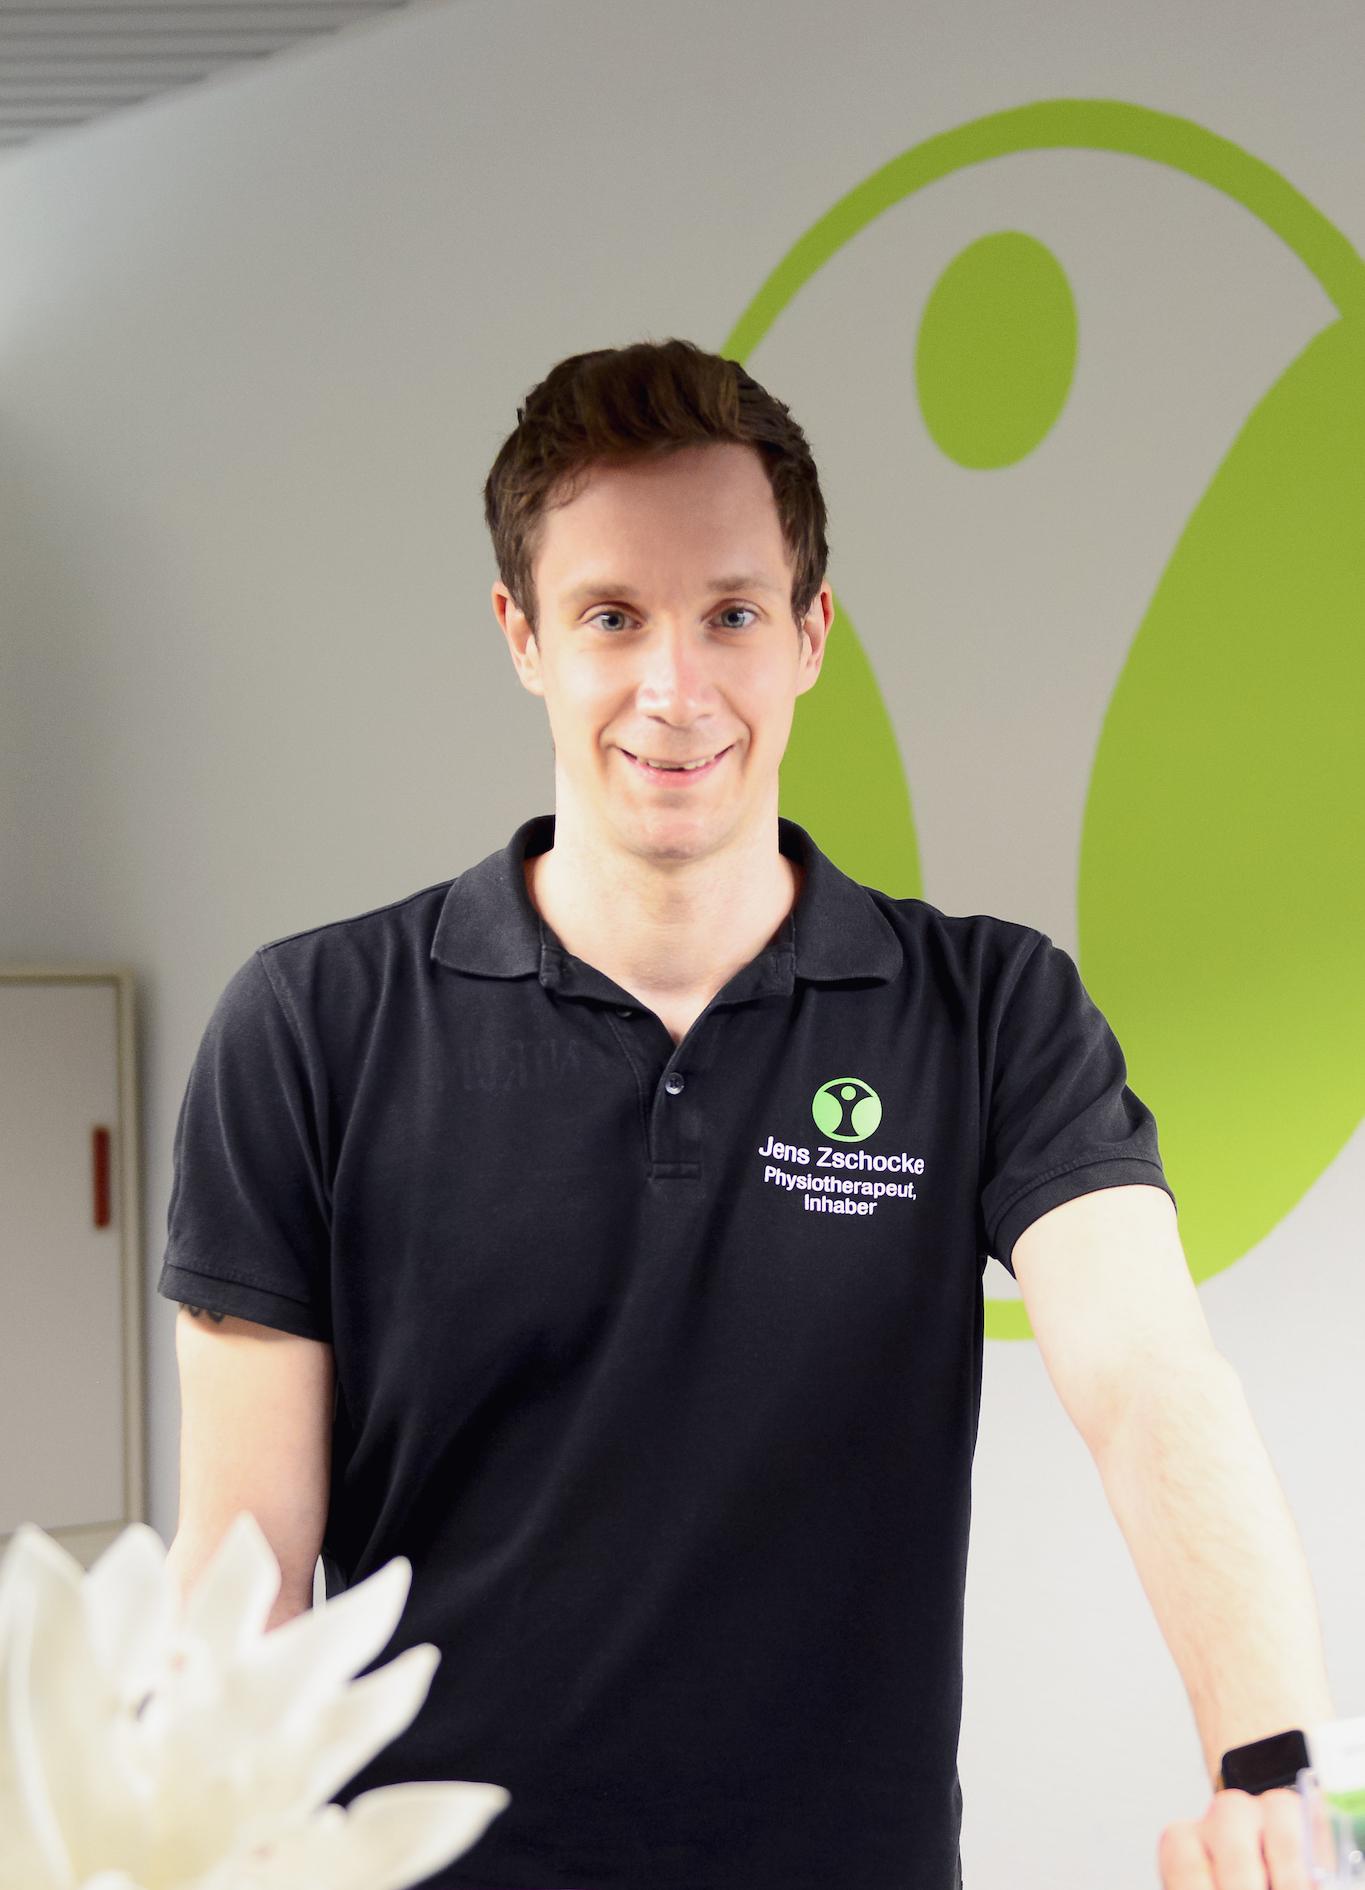 Jens Zschocke